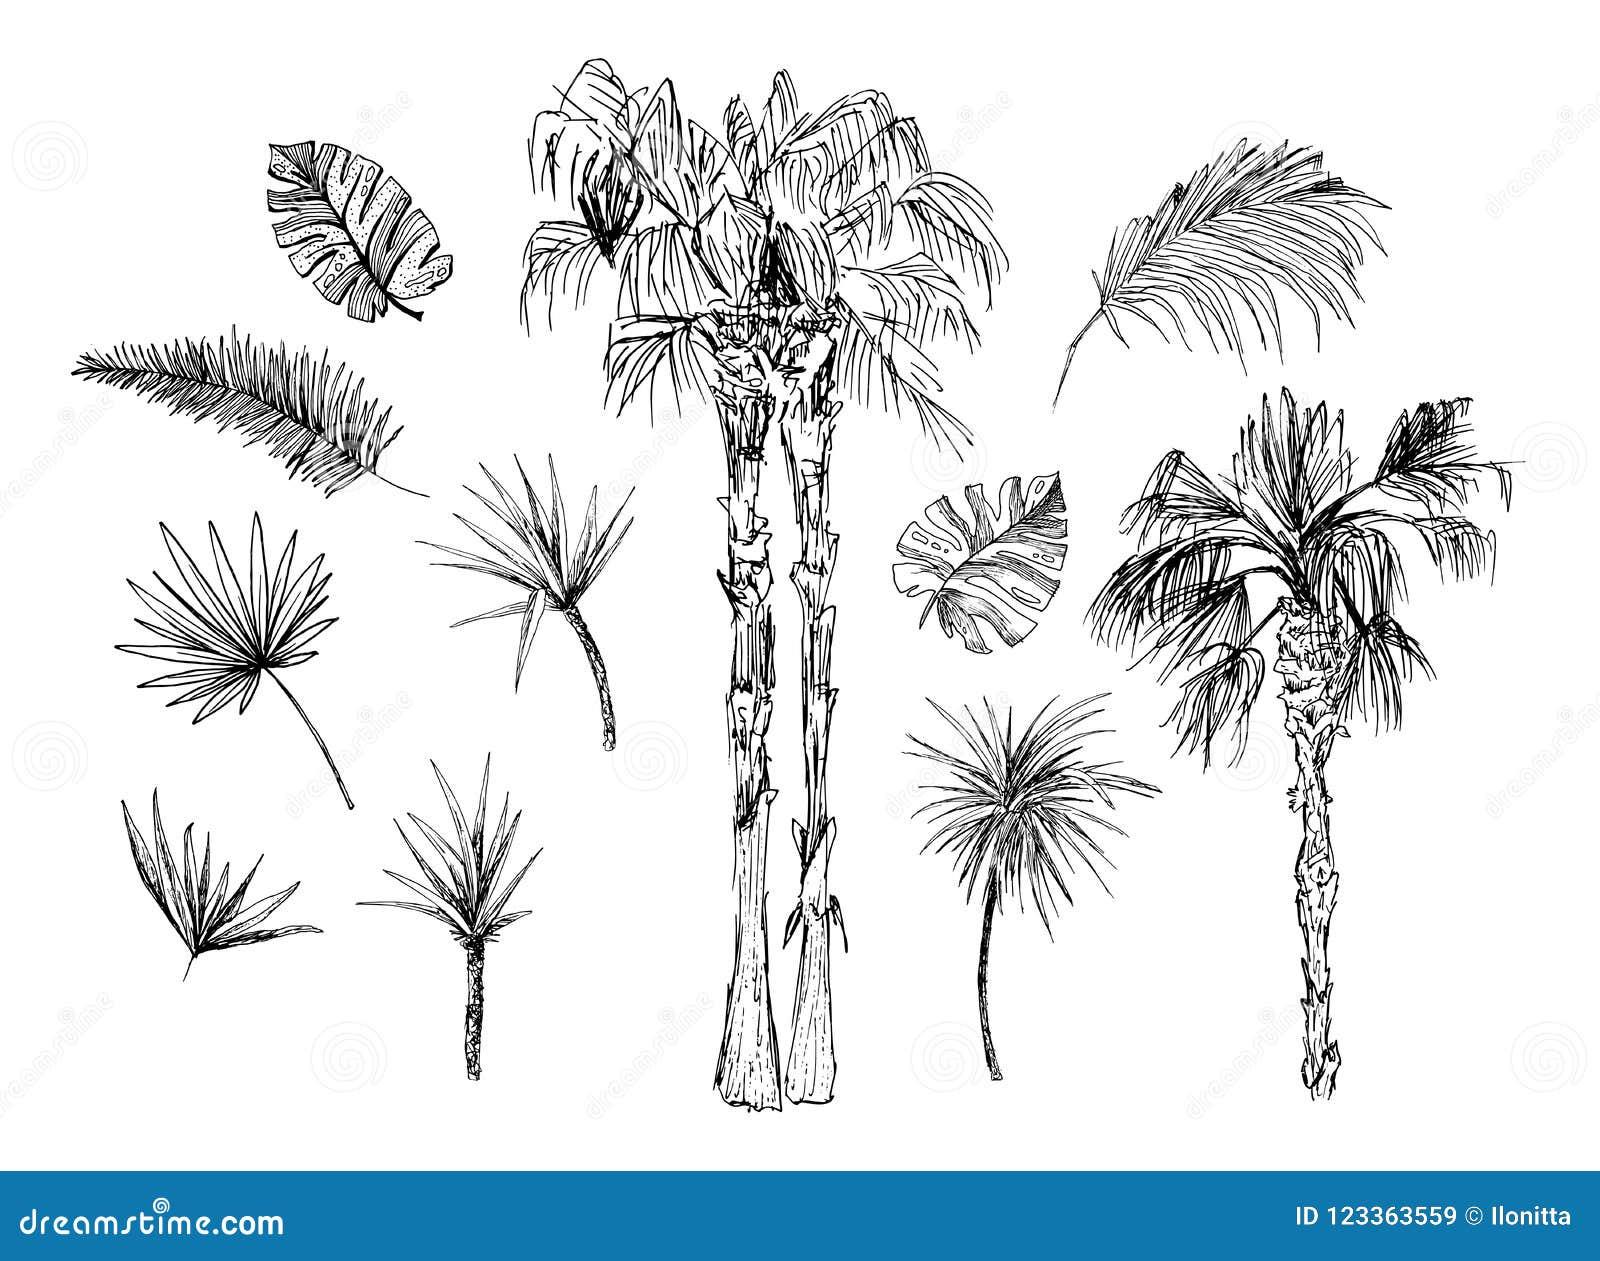 可可椰子速写或与叶子的女王/王后棕榈科图片